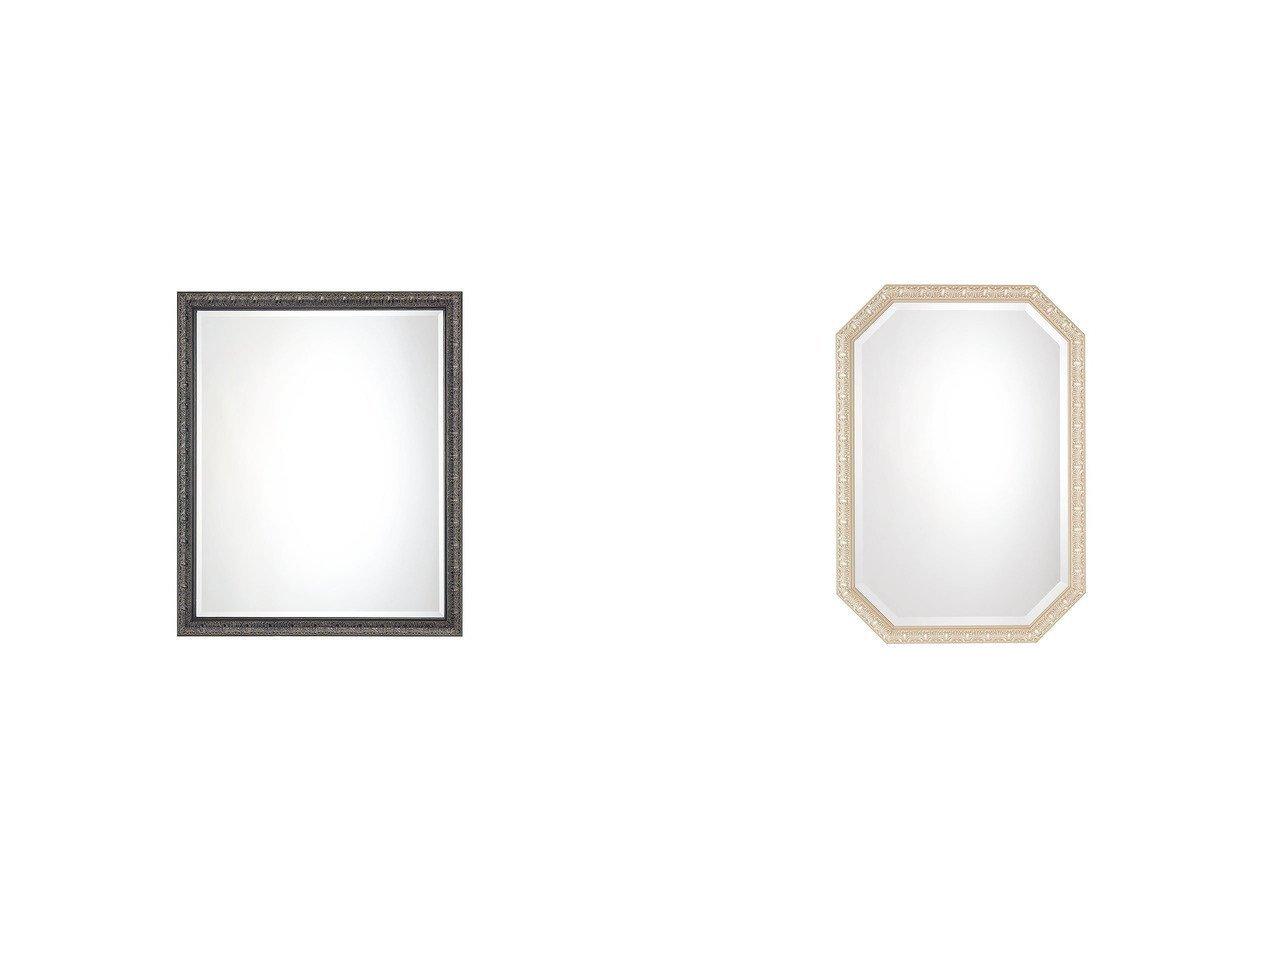 【FLYMEe Blanc/フライミー ブラン】のウォールミラー m77339&ウォールミラー m77338 【FURNITURE】おすすめ!人気、インテリア雑貨・家具の通販 おすすめで人気の流行・トレンド、ファッションの通販商品 インテリア・家具・メンズファッション・キッズファッション・レディースファッション・服の通販 founy(ファニー) https://founy.com/ アンティーク フレーム ホーム・キャンプ・アウトドア Home,Garden,Outdoor,Camping Gear 家具・インテリア Furniture ミラー・ドレッサー Mirror ミラー・鏡 ホーム・キャンプ・アウトドア Home,Garden,Outdoor,Camping Gear 家具・インテリア Furniture ミラー・ドレッサー Mirror ドレッサー  ID:crp329100000055480